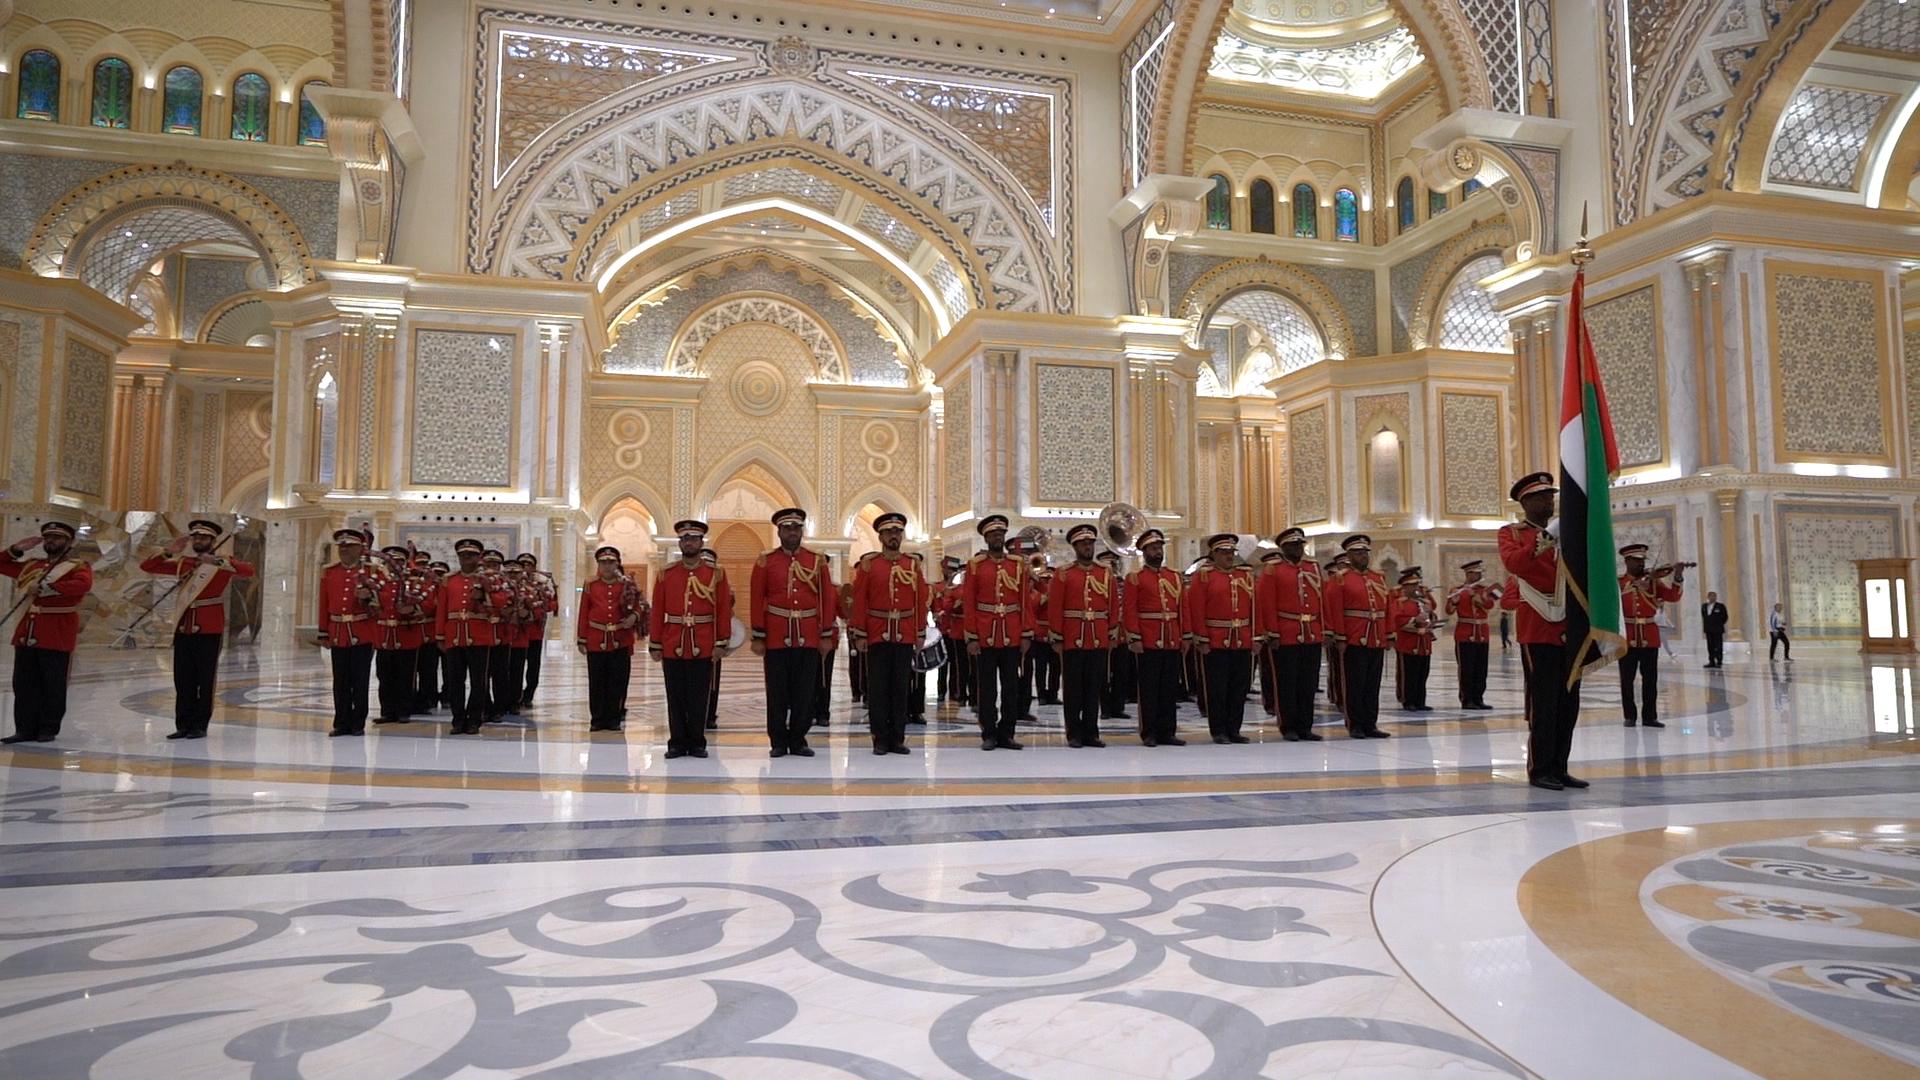 Qasr-Al-Watan-UAE-National-Day-Symphony-of-the-Nation-1